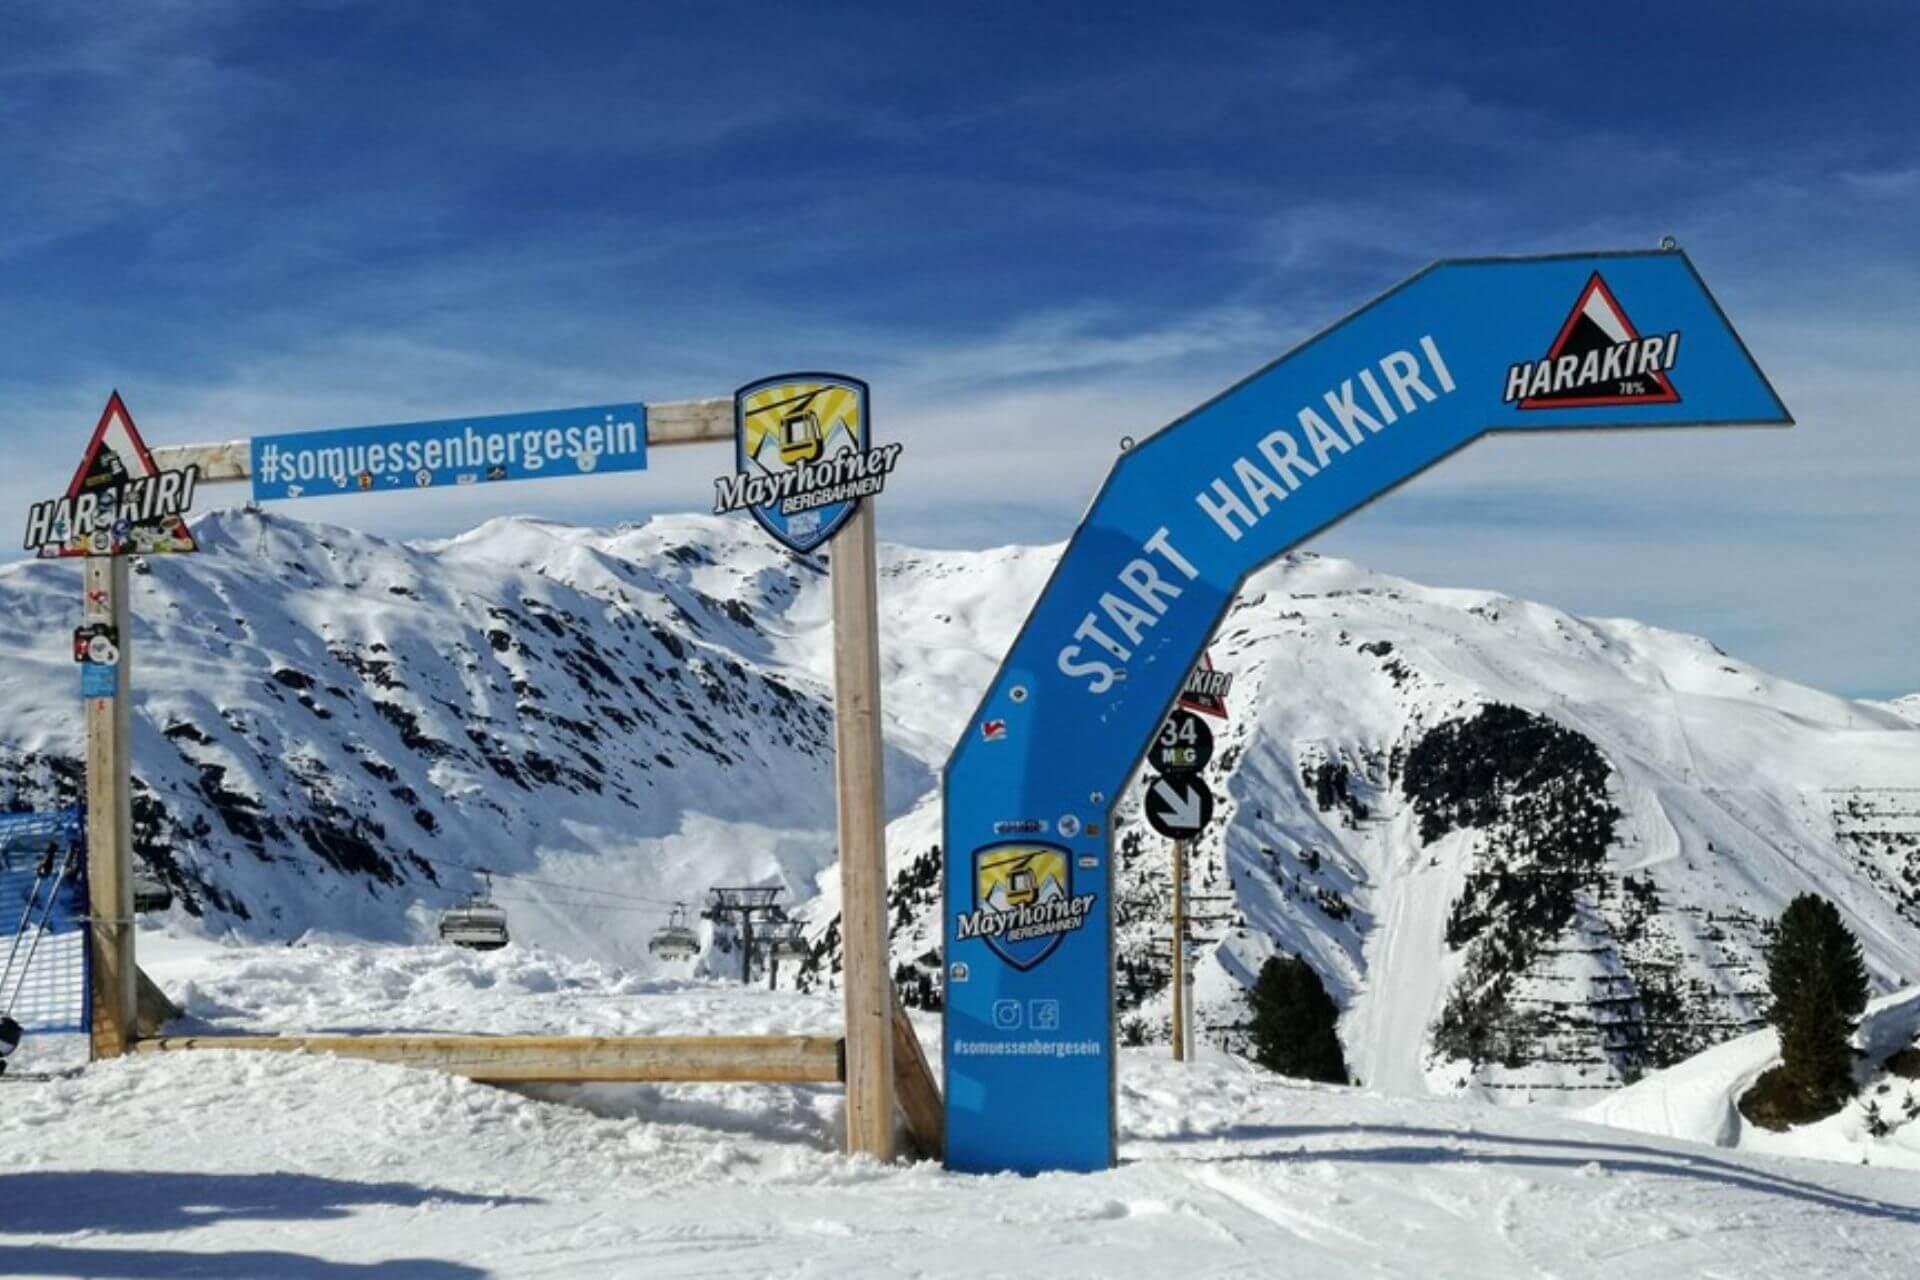 Najbardziej stroma trasa w Austrii Harakiri